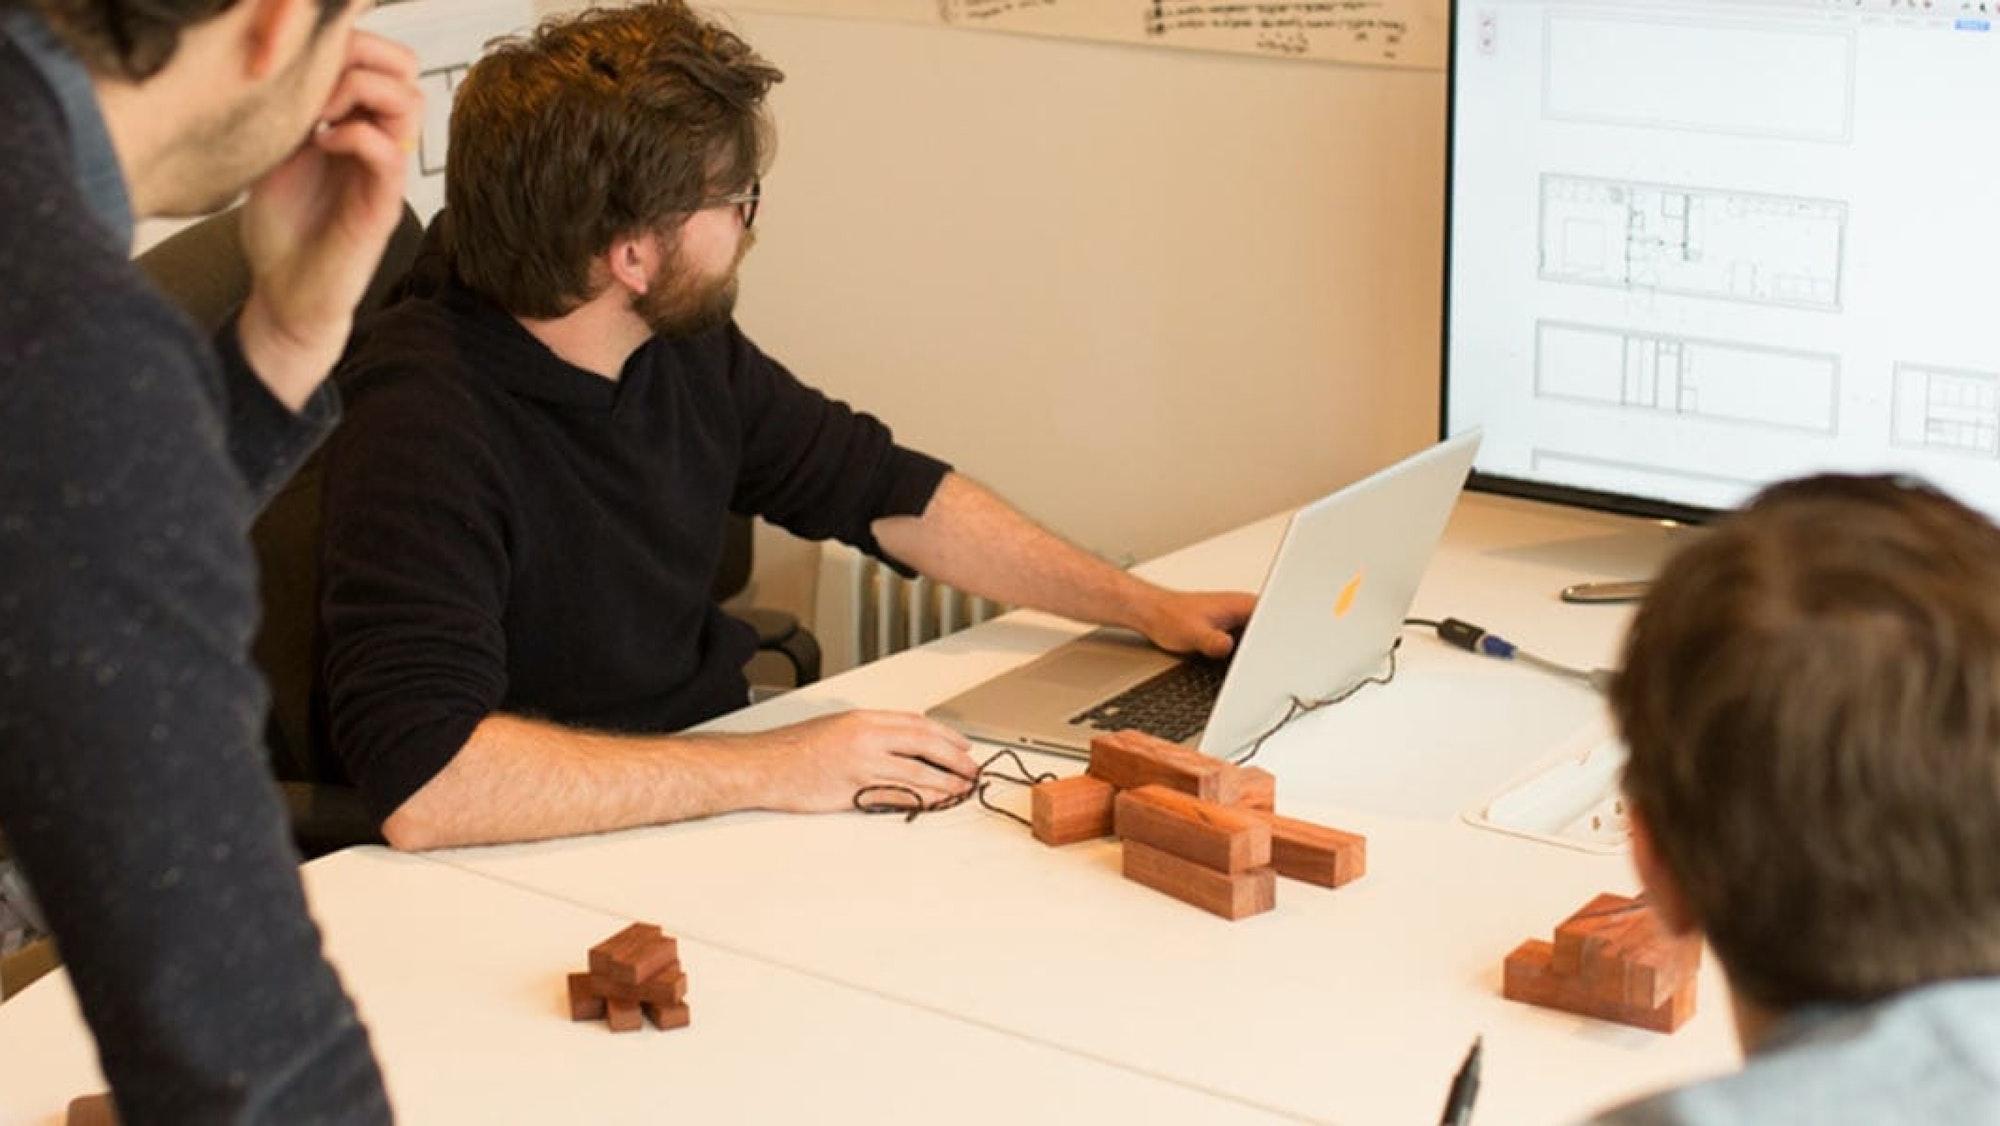 Binnen Skilpod werken ingenieurs, designers en architecten samen om jouw Skilpod tot in de puntjes te optimaliseren